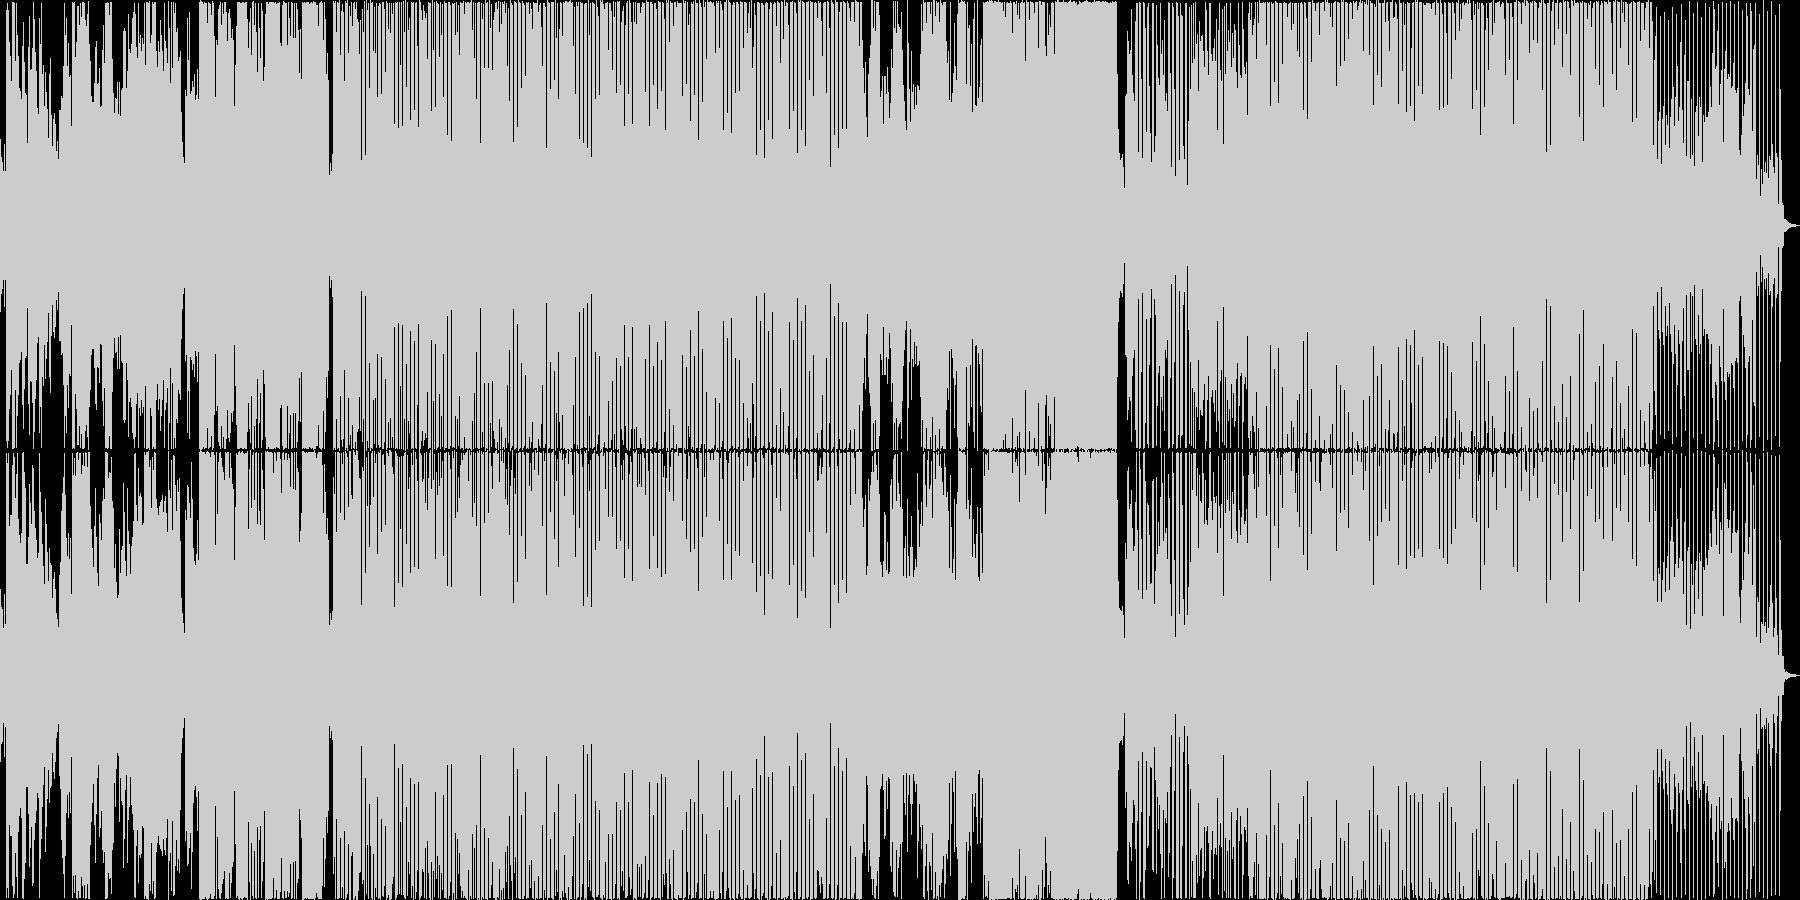 英語詞!エレクトロなソウルミュージックの未再生の波形